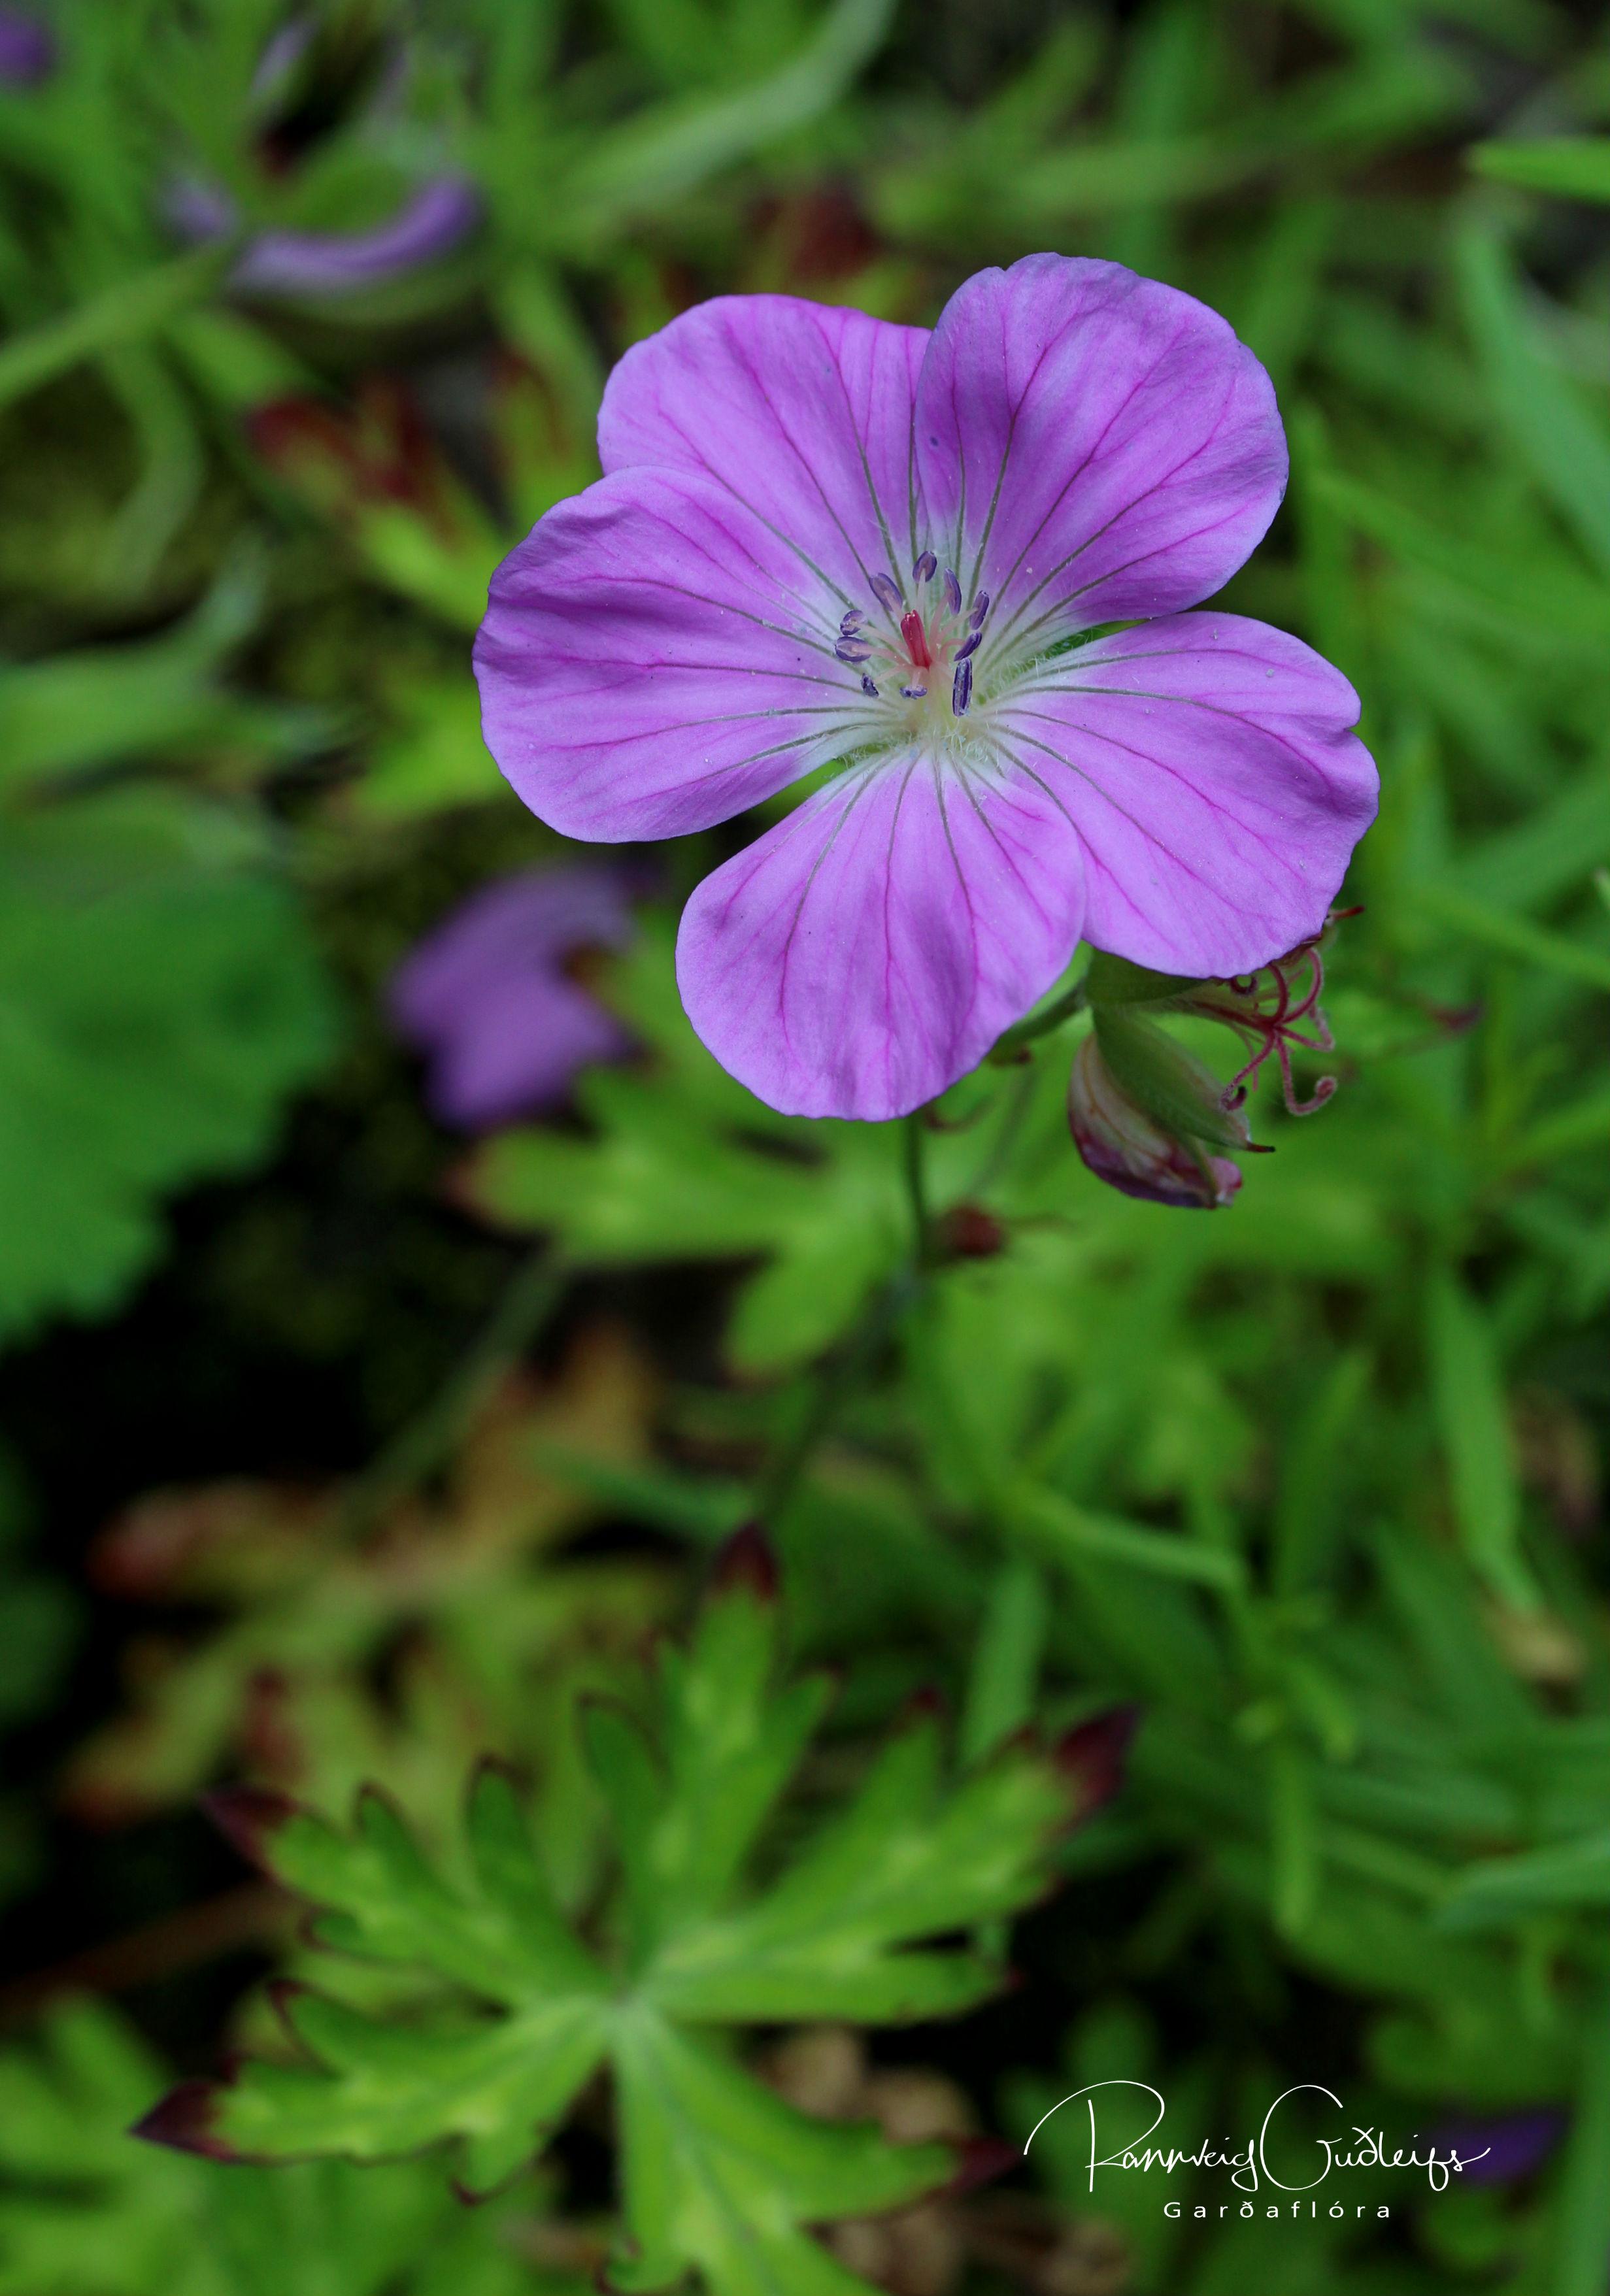 Geranium orientali-tibeticum